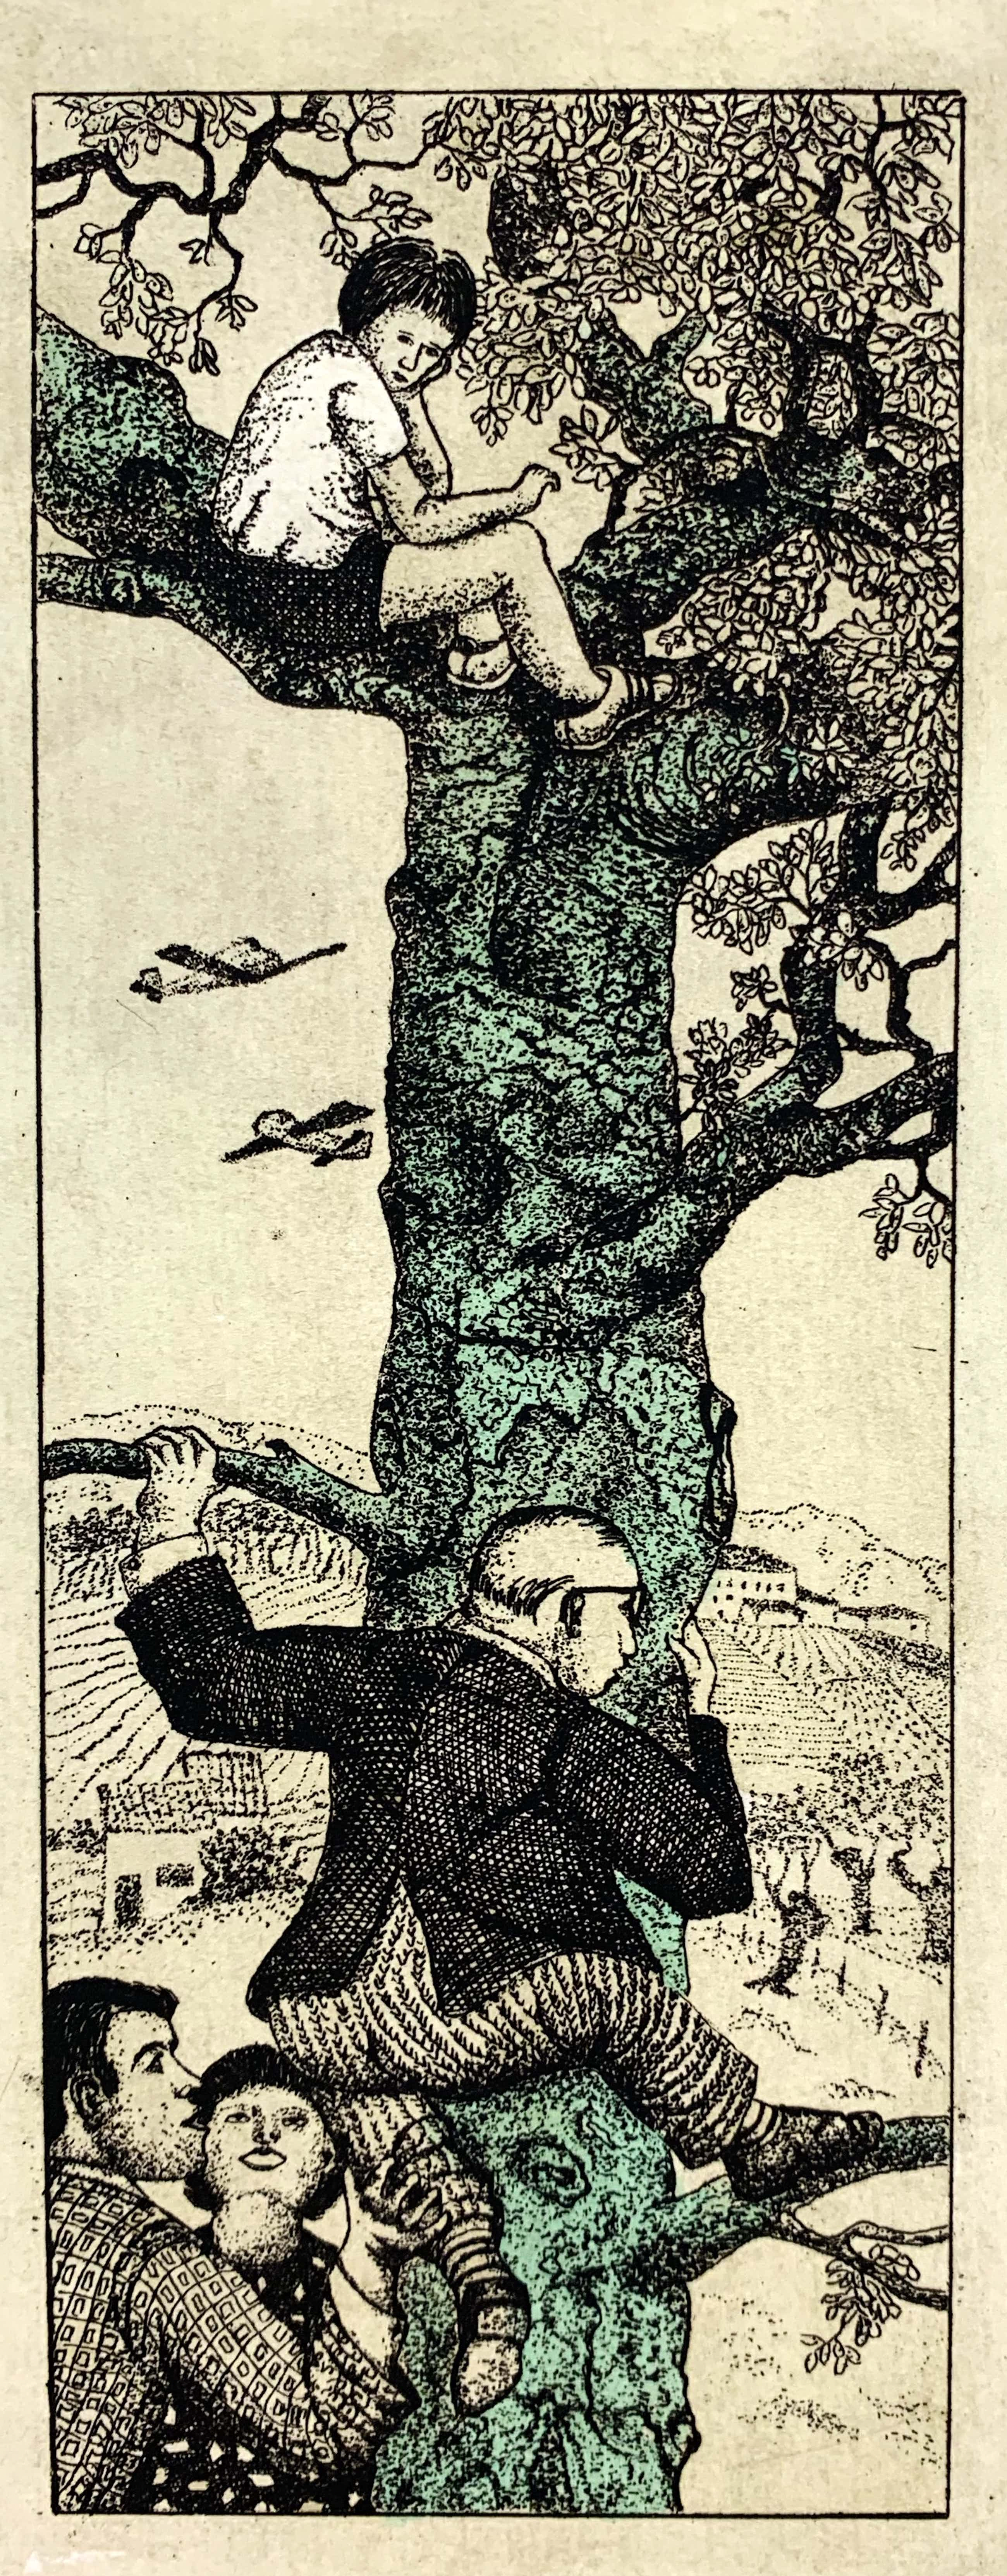 Carla Kleekamp - ets - 'De boom van Remco Campert' - eigen druk 1980 kopen? Bied vanaf 48!